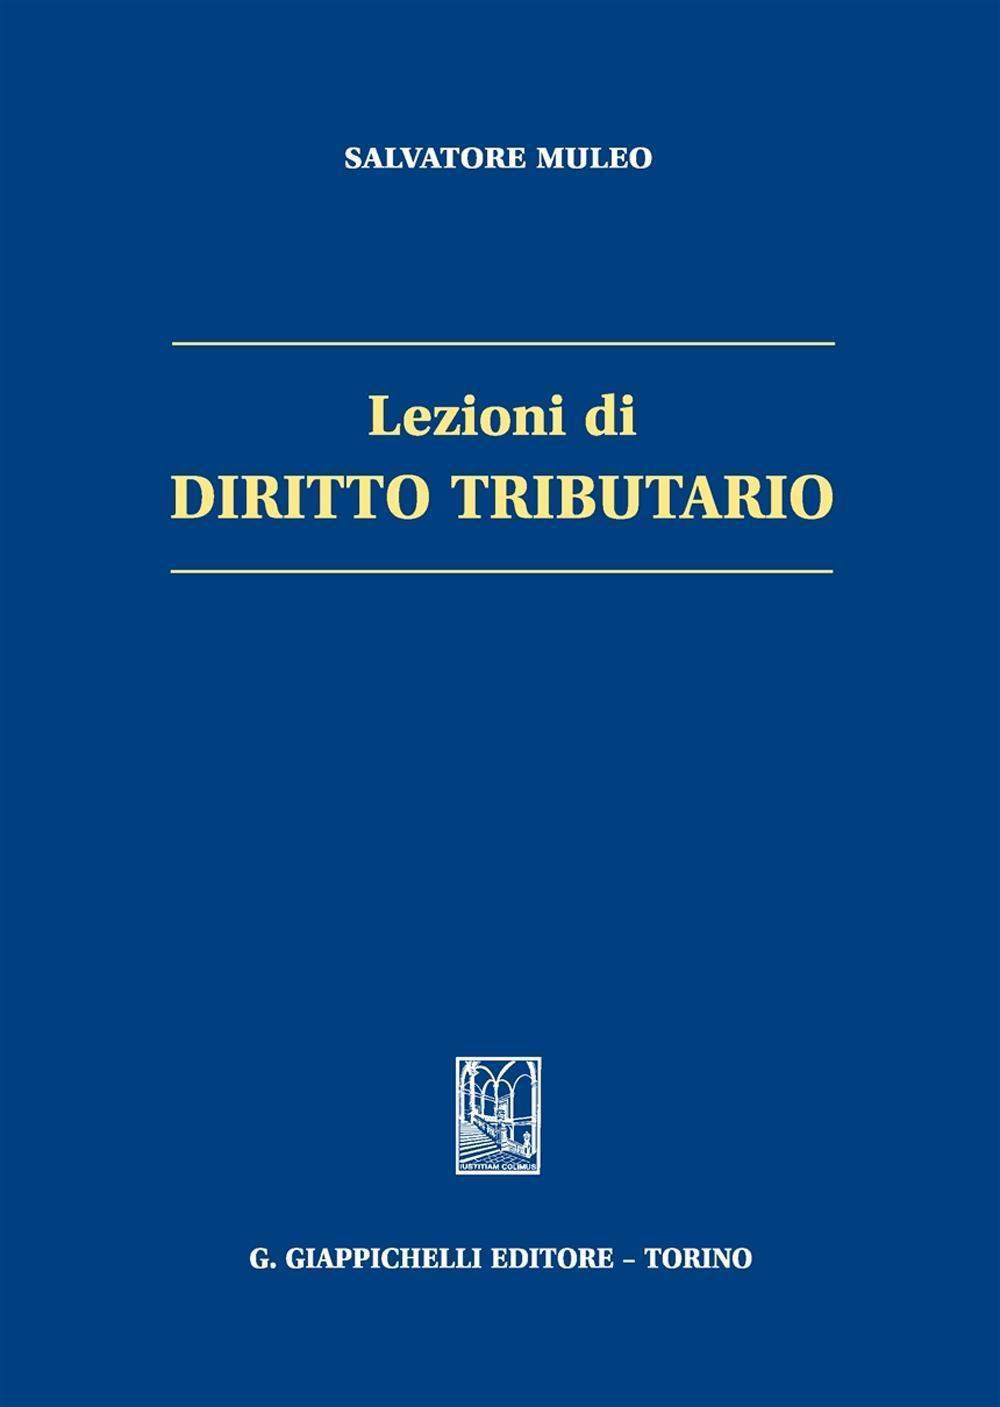 Lezioni di diritto tributario. Salvatore Muleo